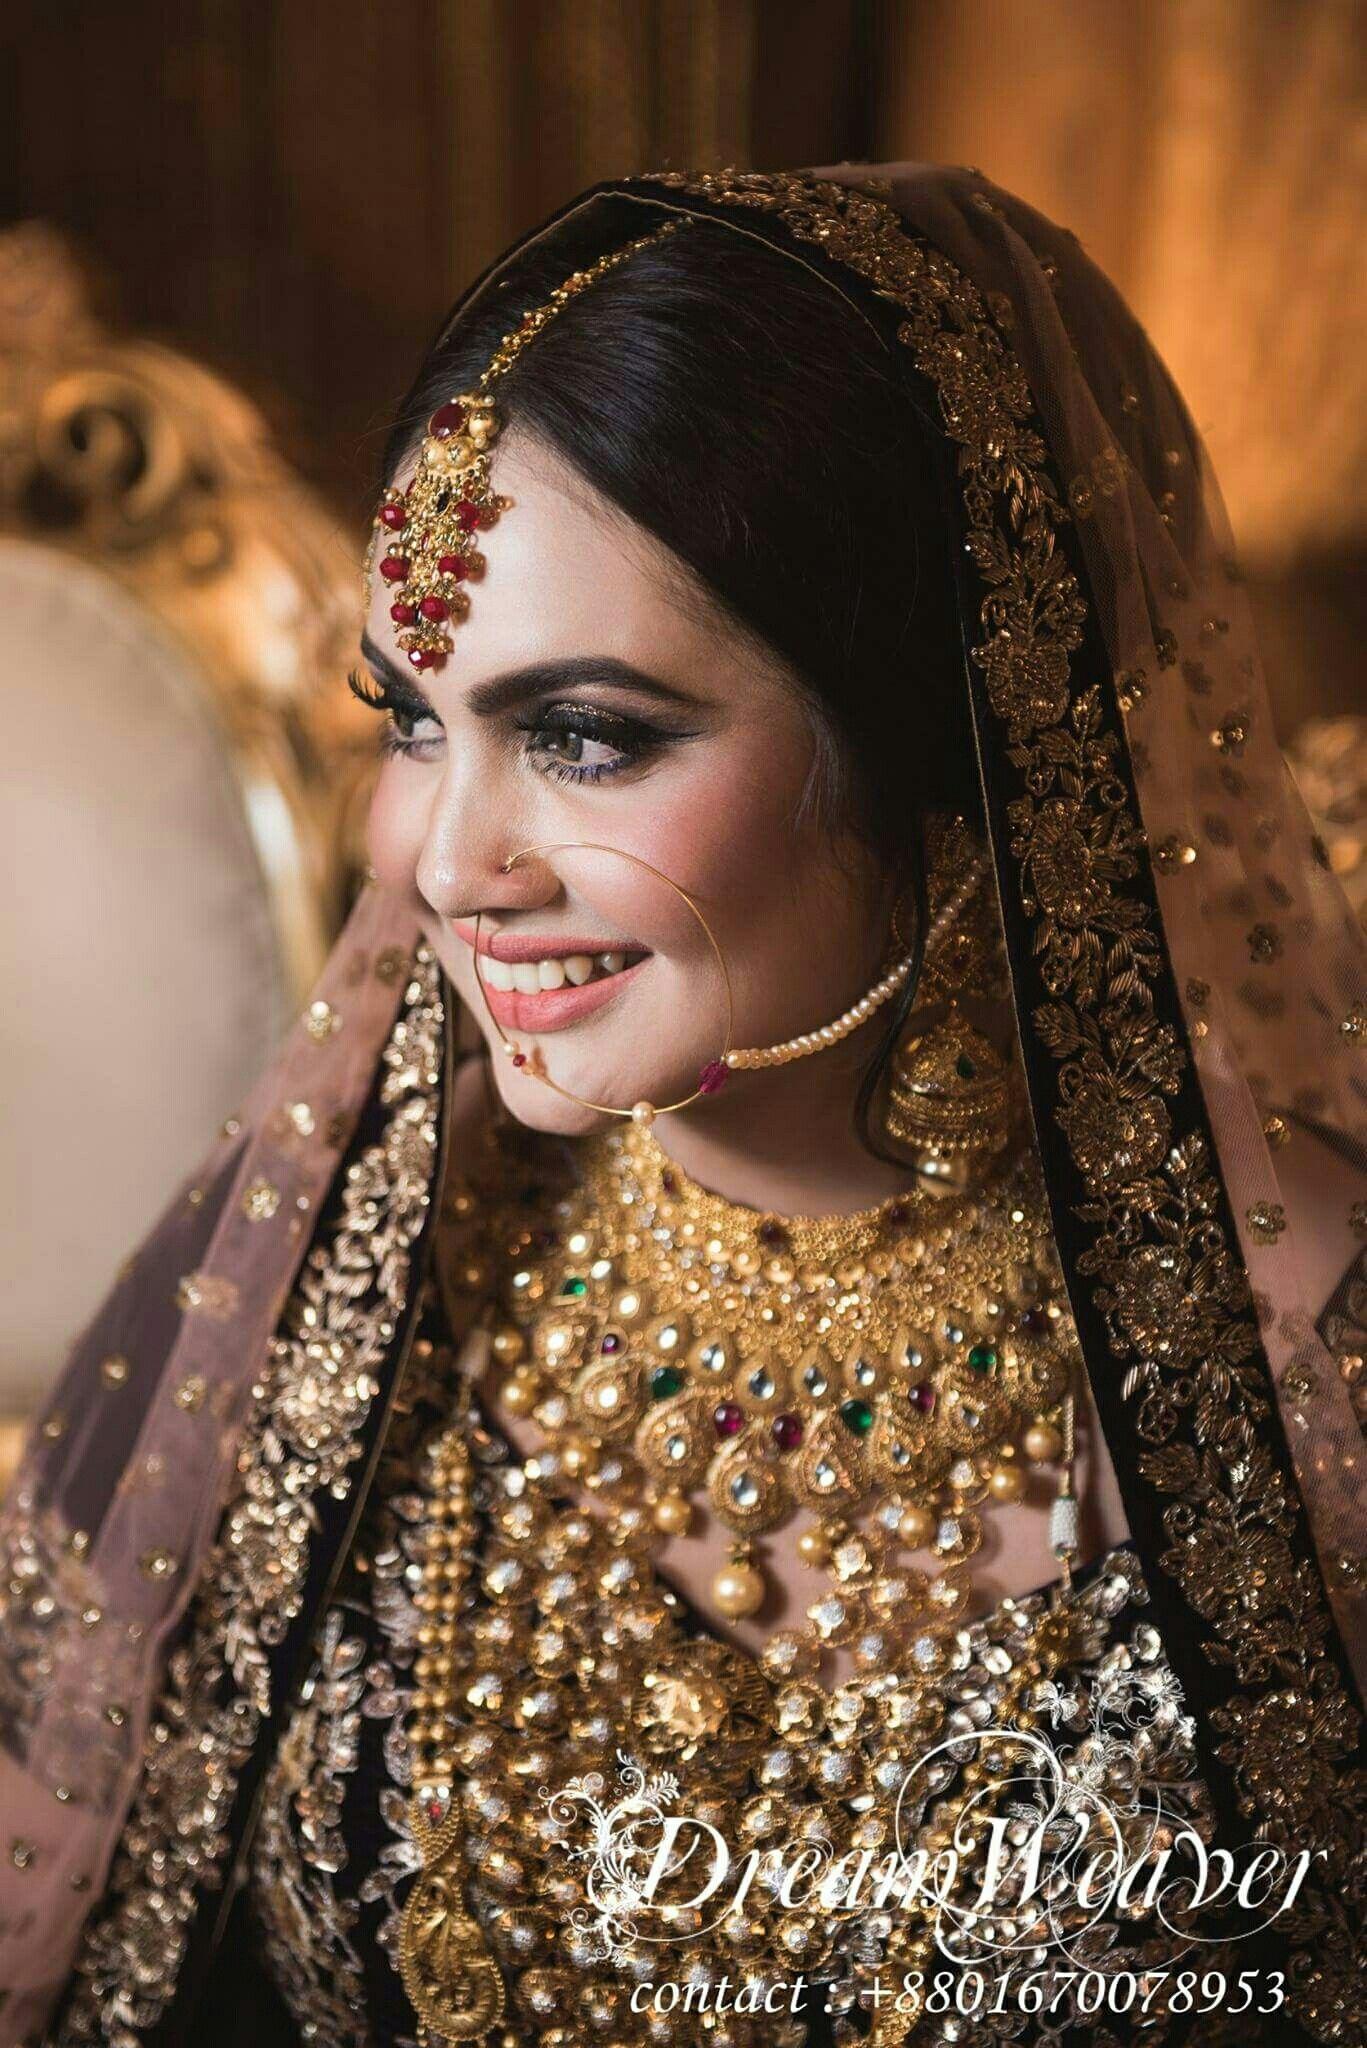 Pin de Kiran Iqbal en dress codes | Pinterest | Rostros, Cultura y ...